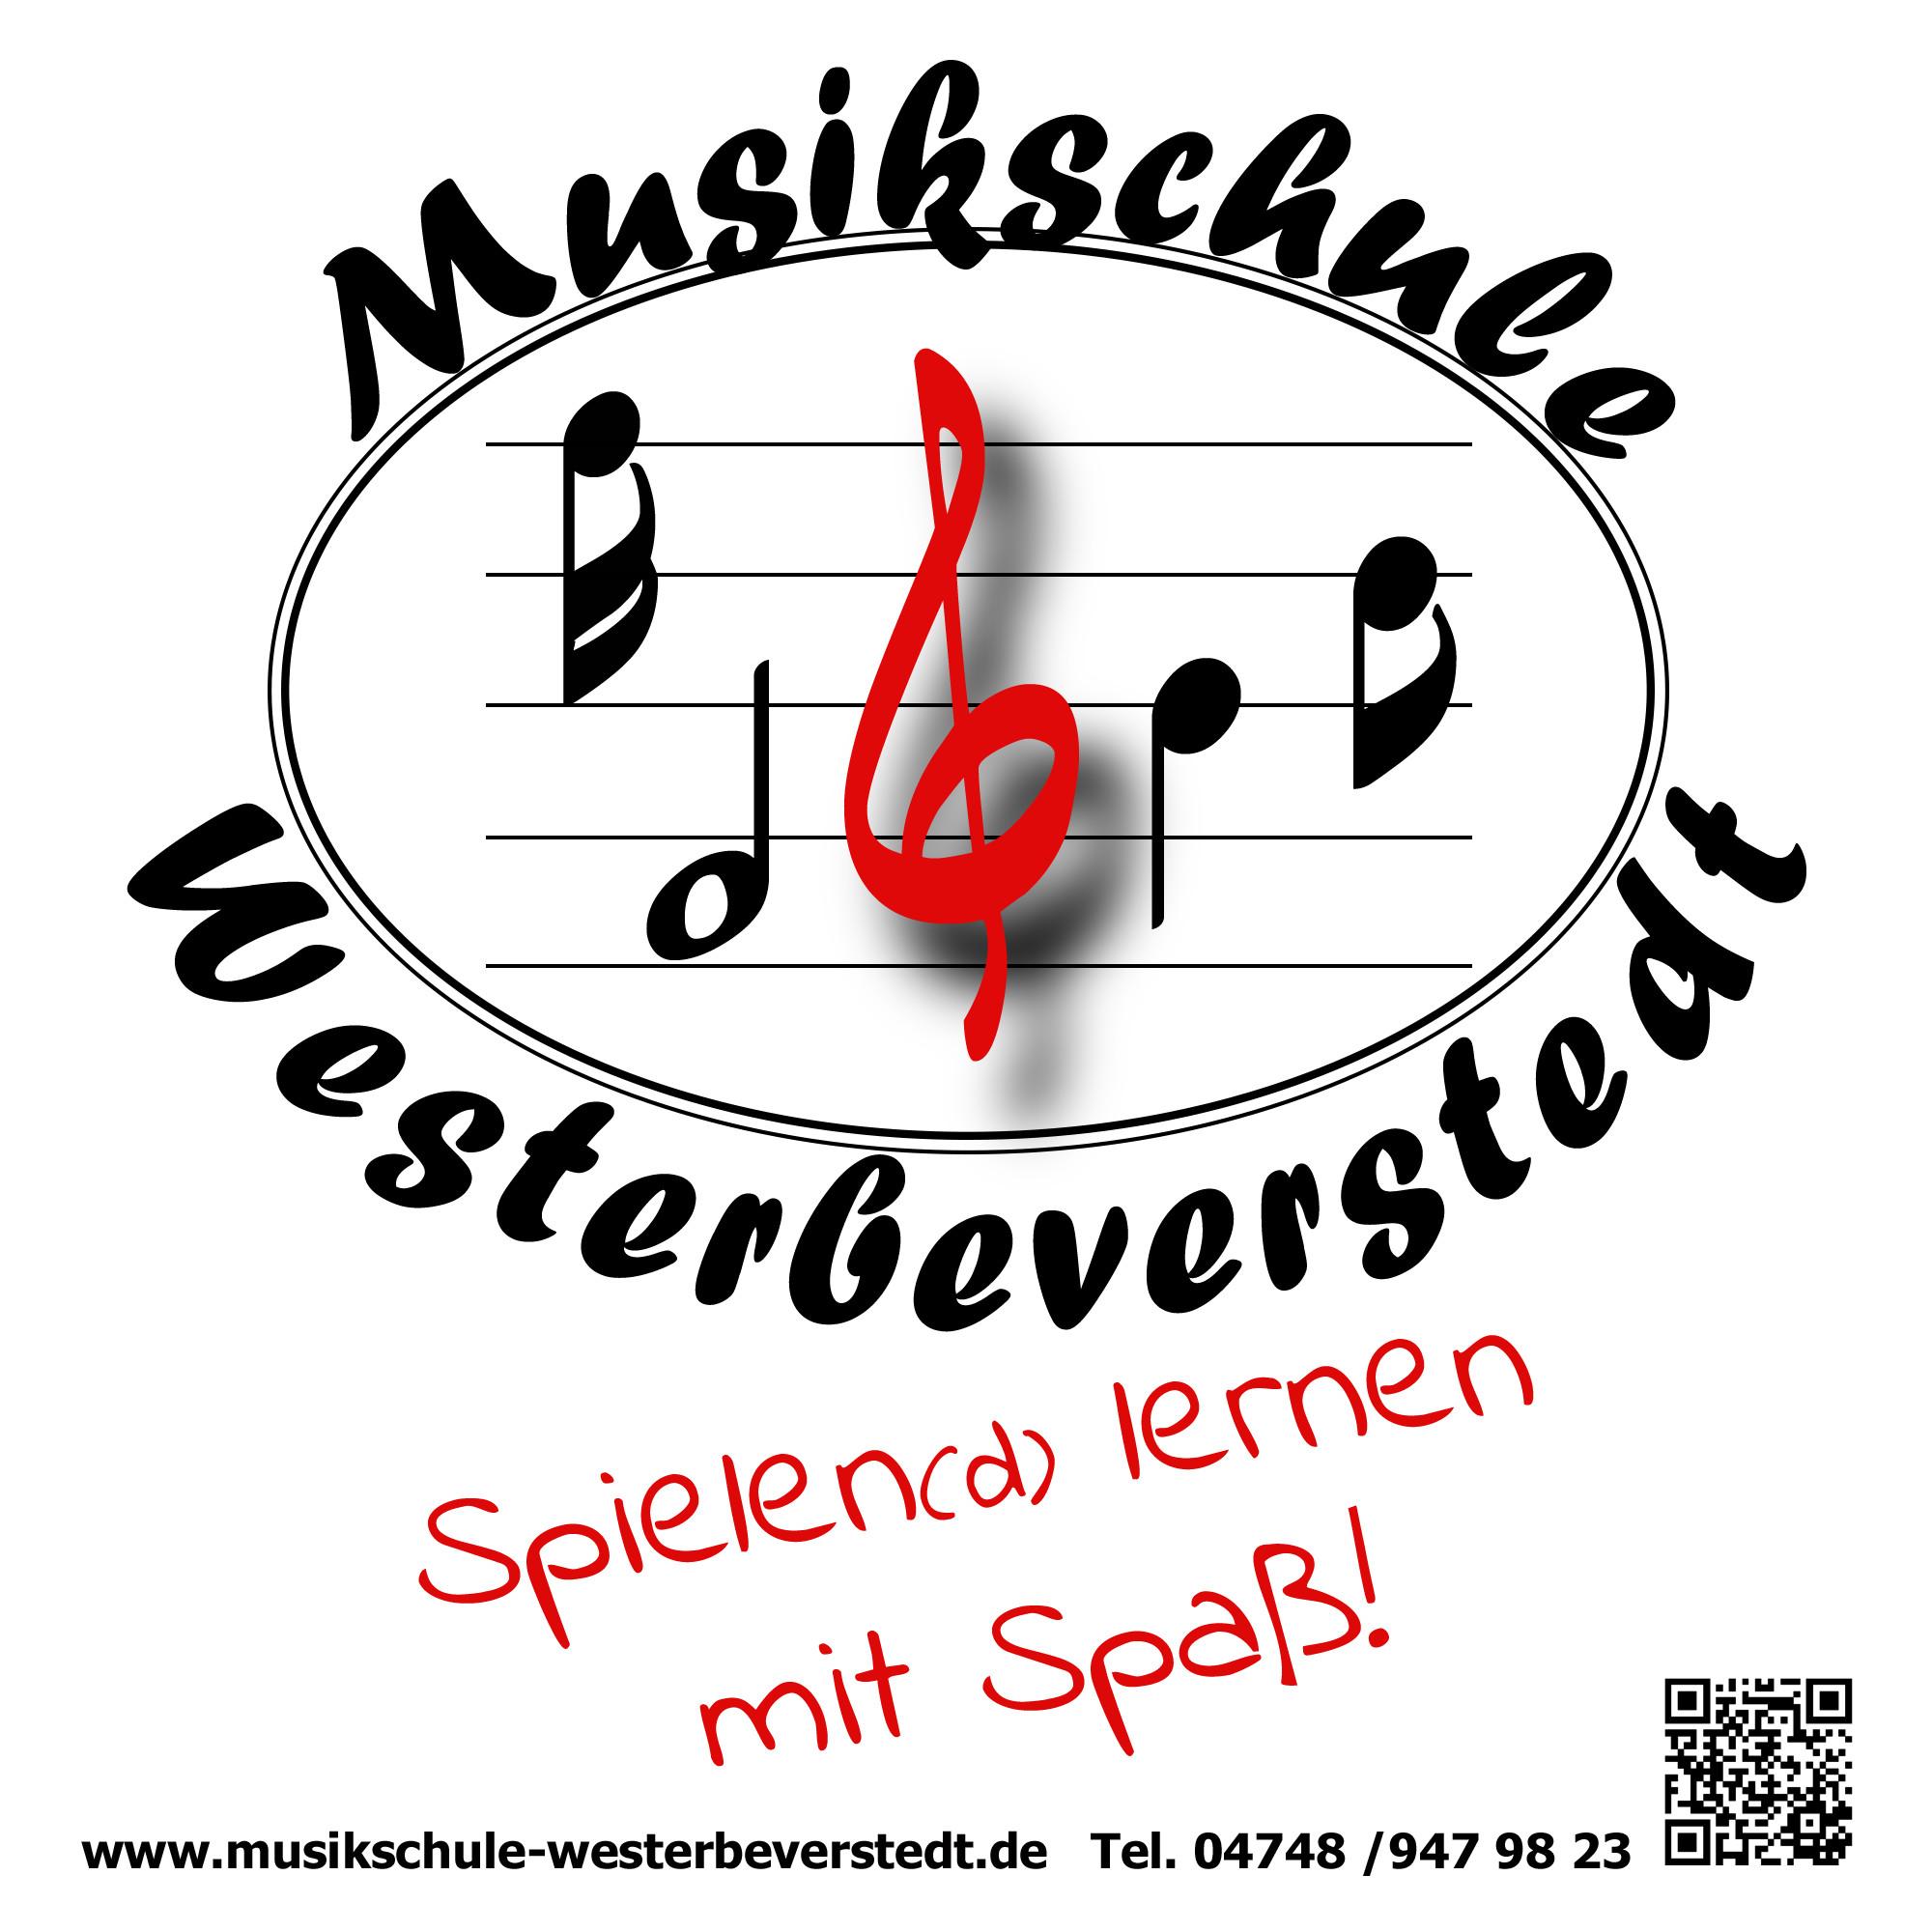 Musikschule Westerbeverstedt